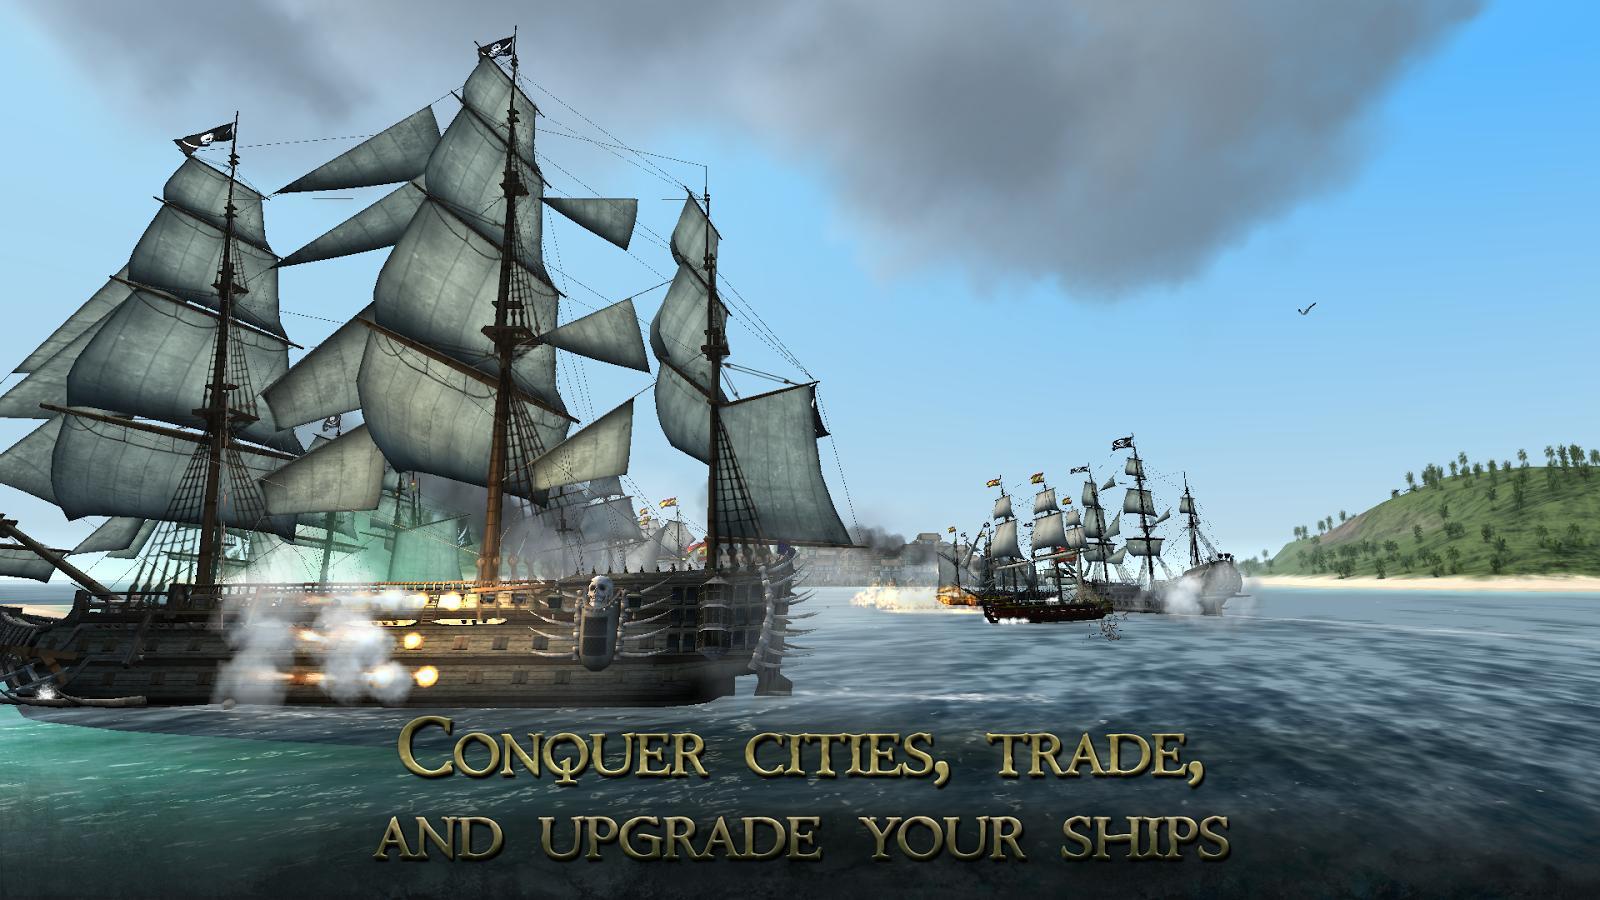 海盗死亡瘟疫正式版-海盗死亡瘟疫手游安卓/苹果/电脑版下载-攻略-礼包-飞翔游戏库